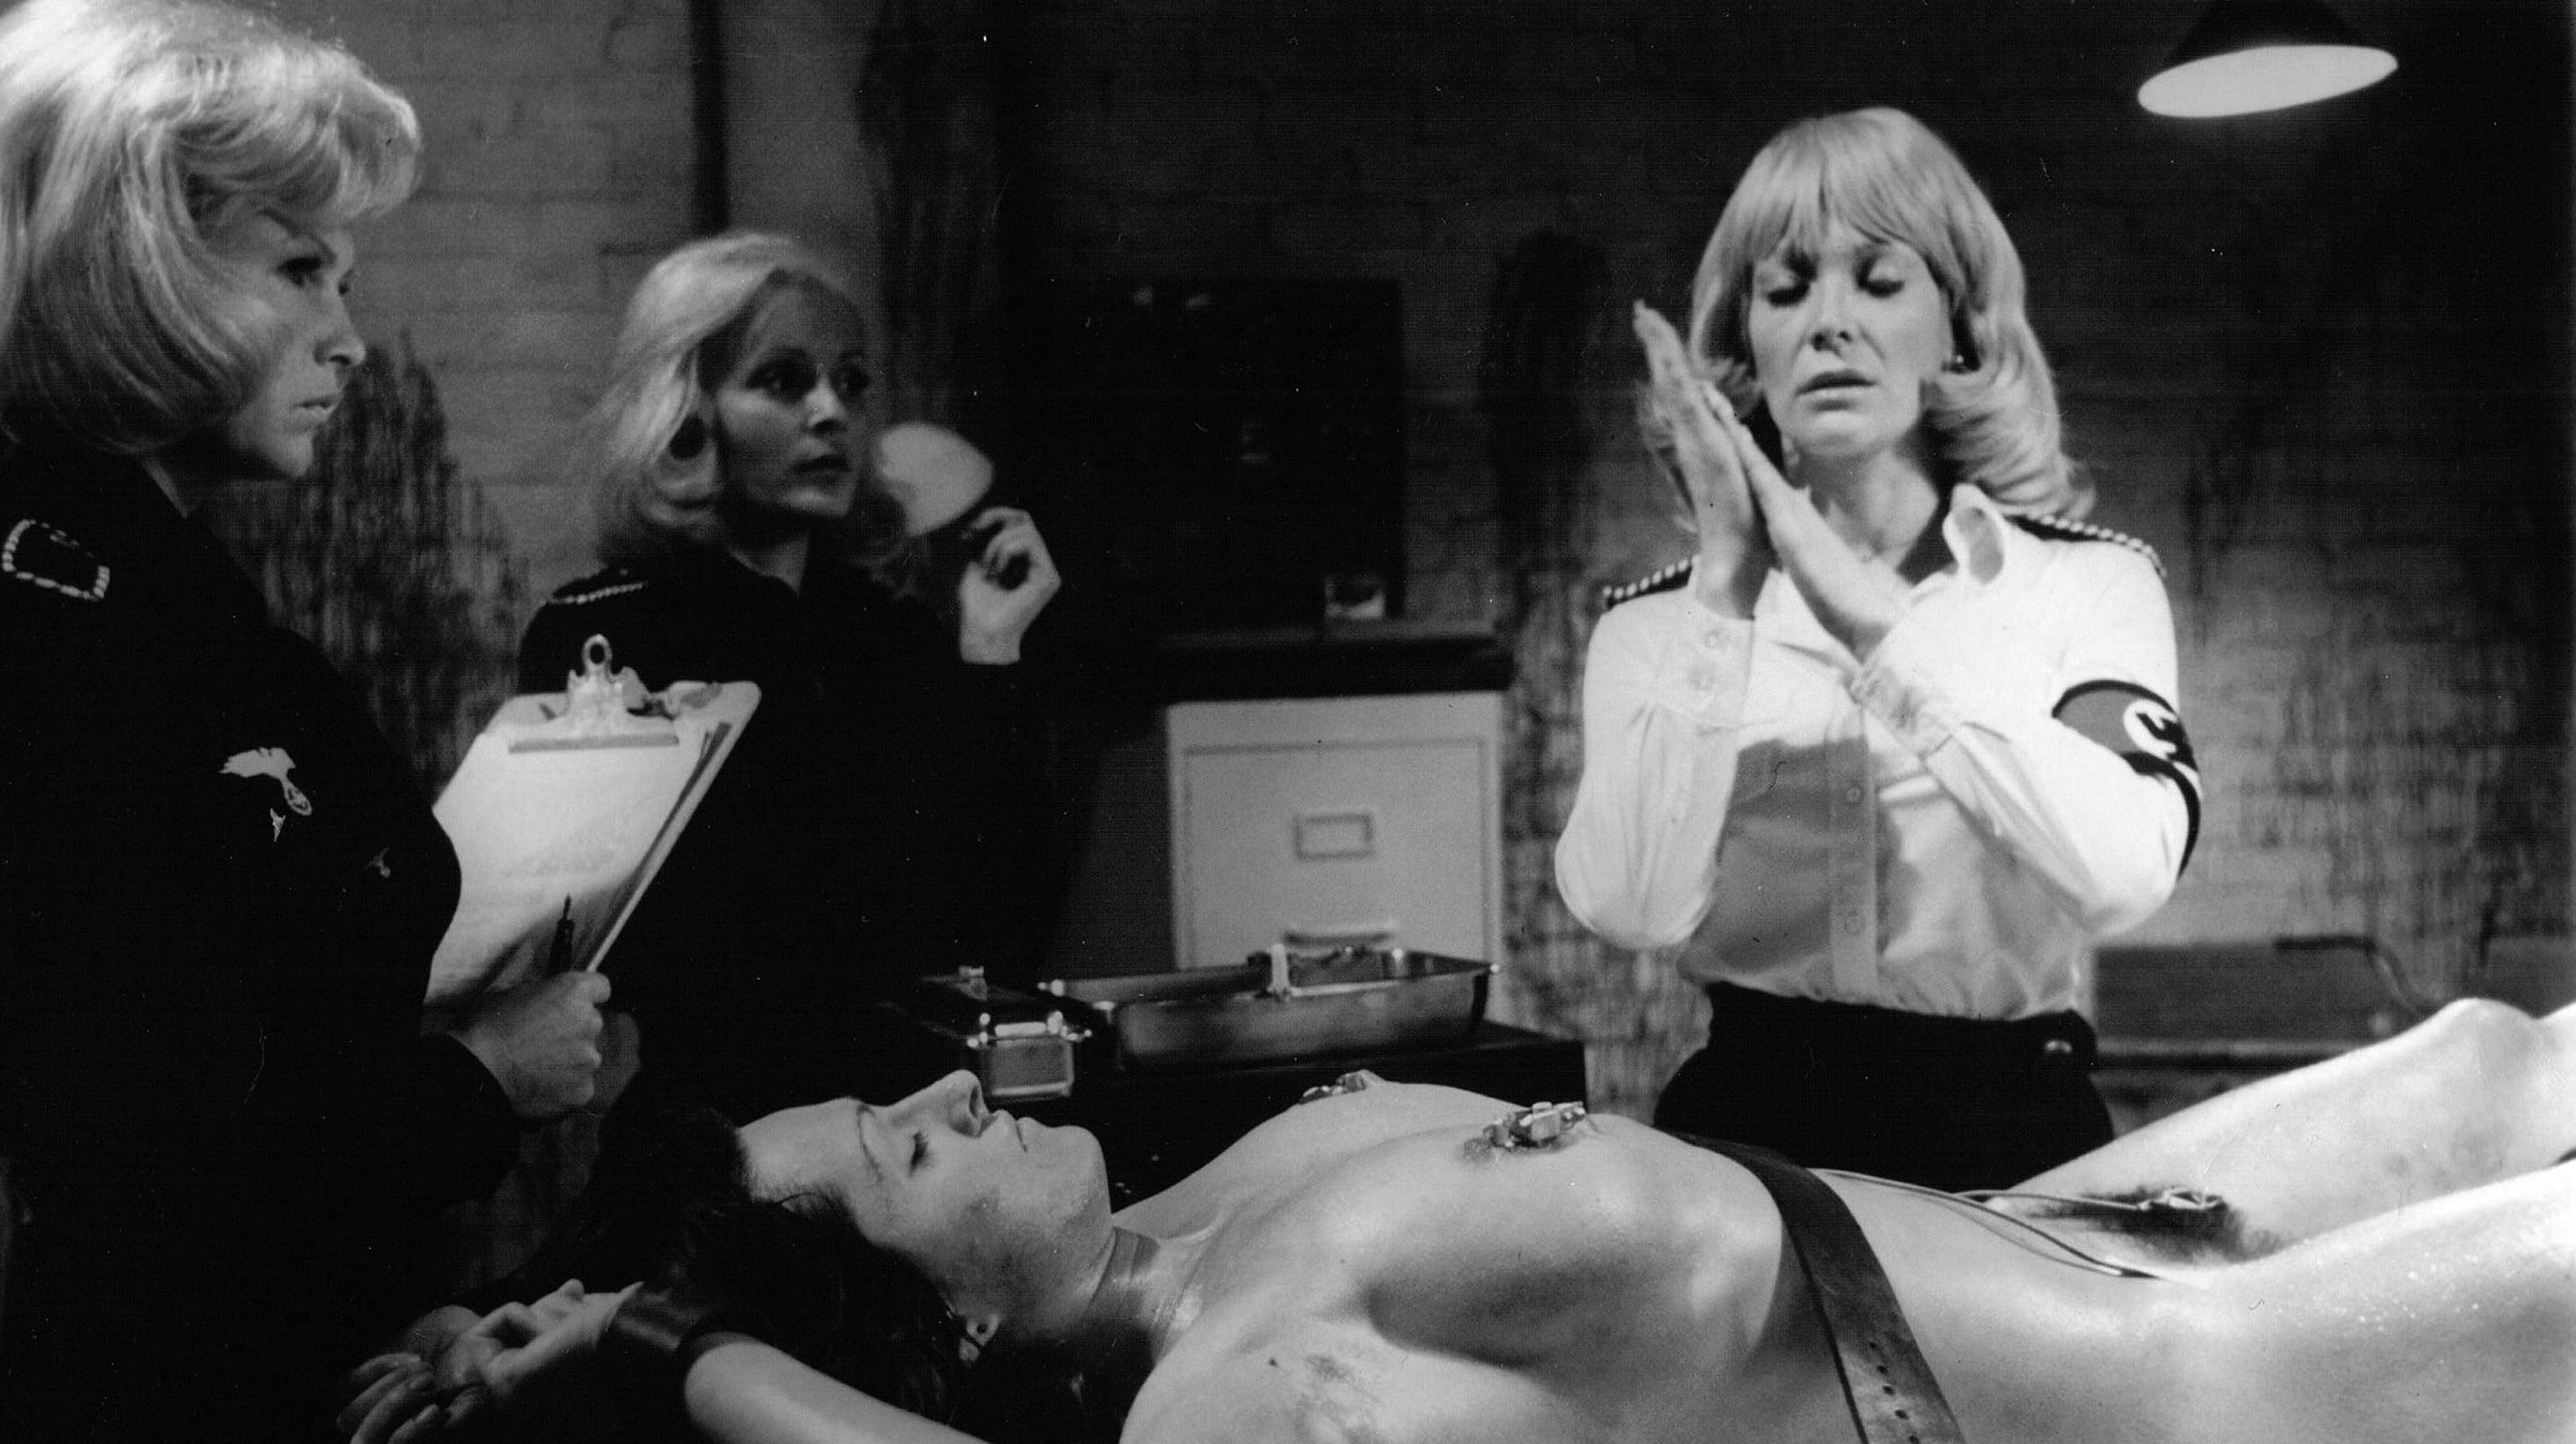 Ilsa la belva delle SS (1975) / Ilsa: She Wolf of the SS